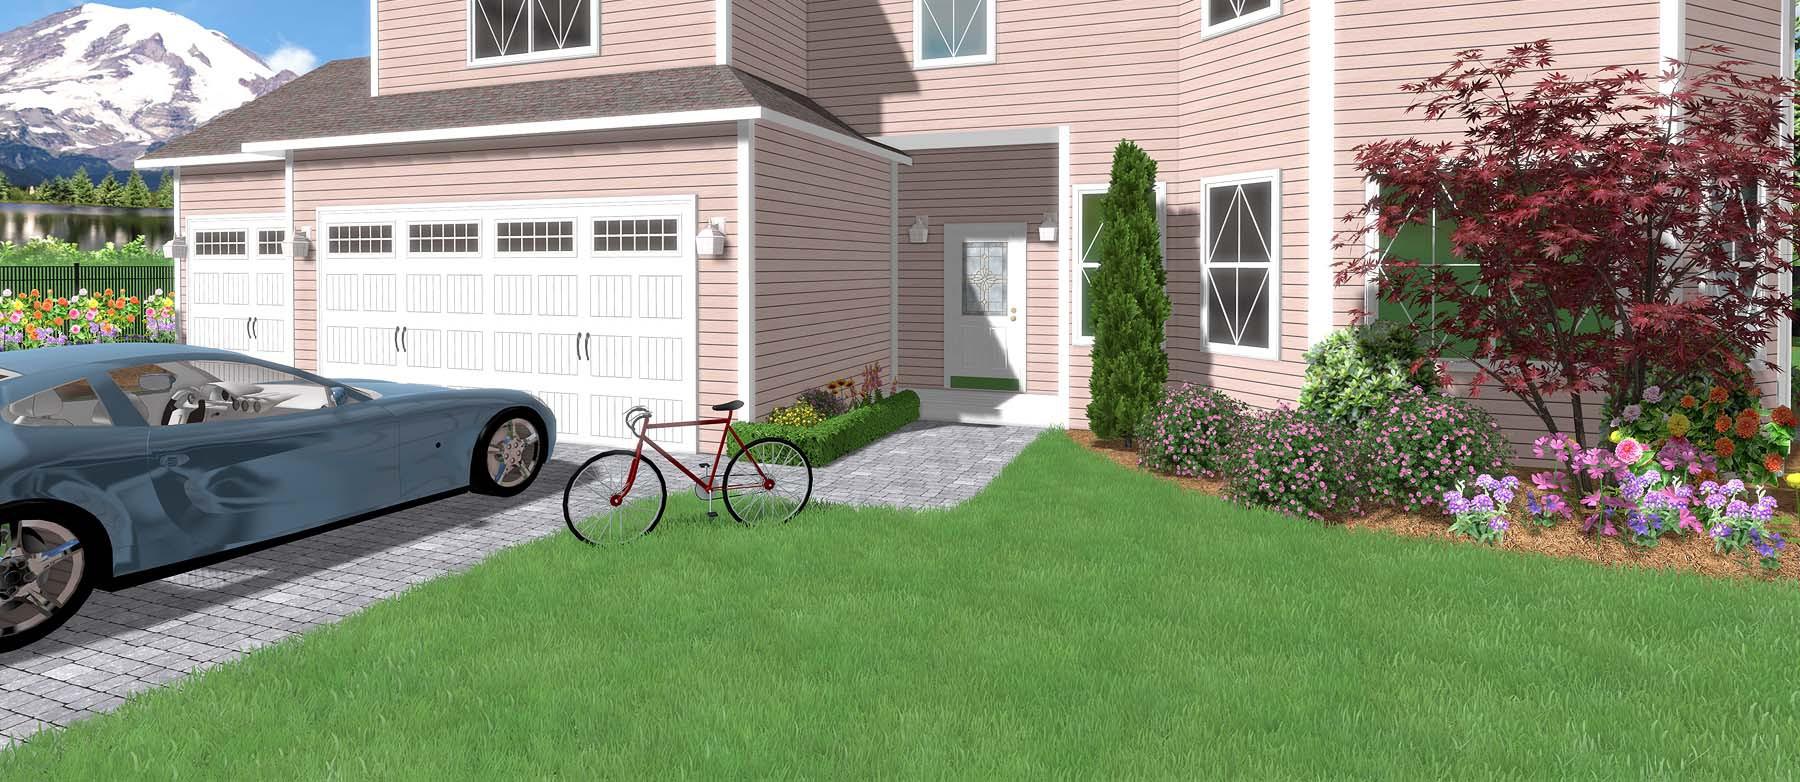 Дополнительные объекты для программы realtime landscaping architect    flokus.ru - ландшафтный дизайн